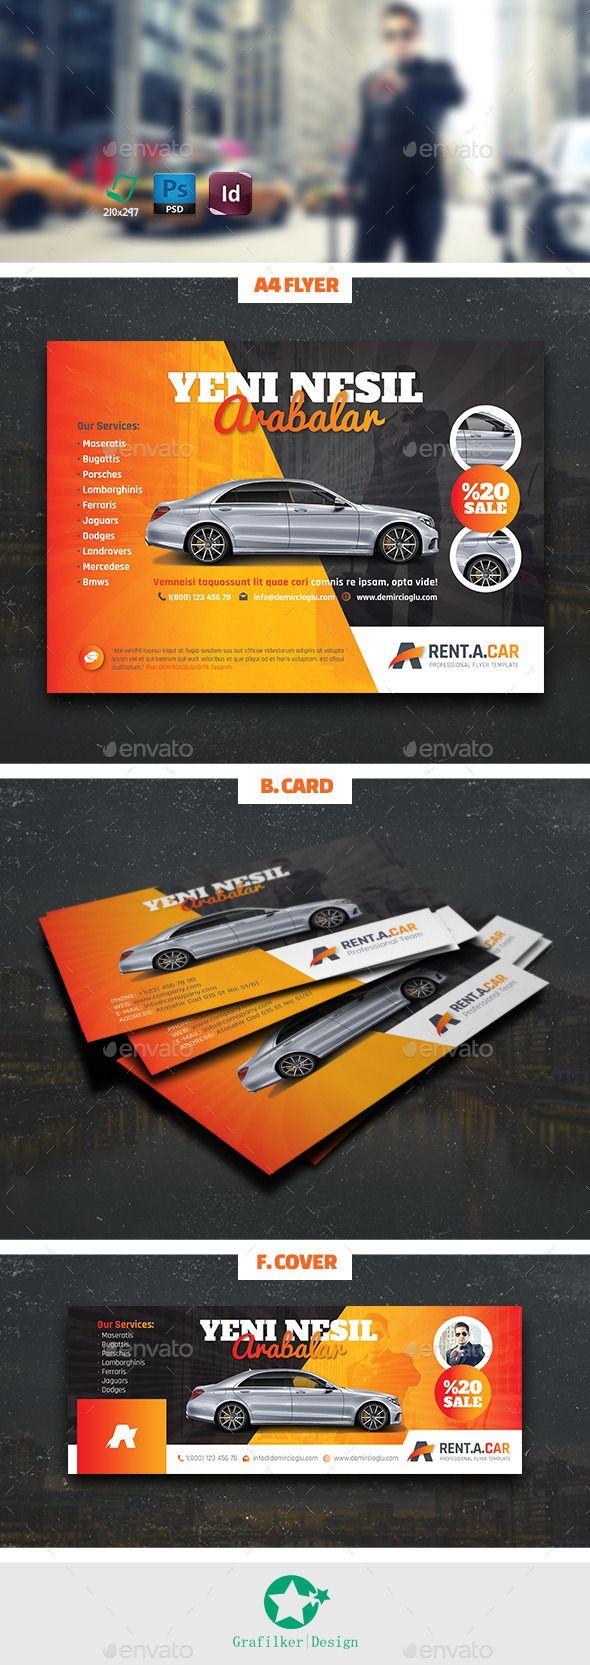 Rent A Car Bundle Templates  — PSD Template #297x210 • Download ➝ https://graphicriver.net/item/rent-a-car-bundle-templates/12520078?ref=pxcr